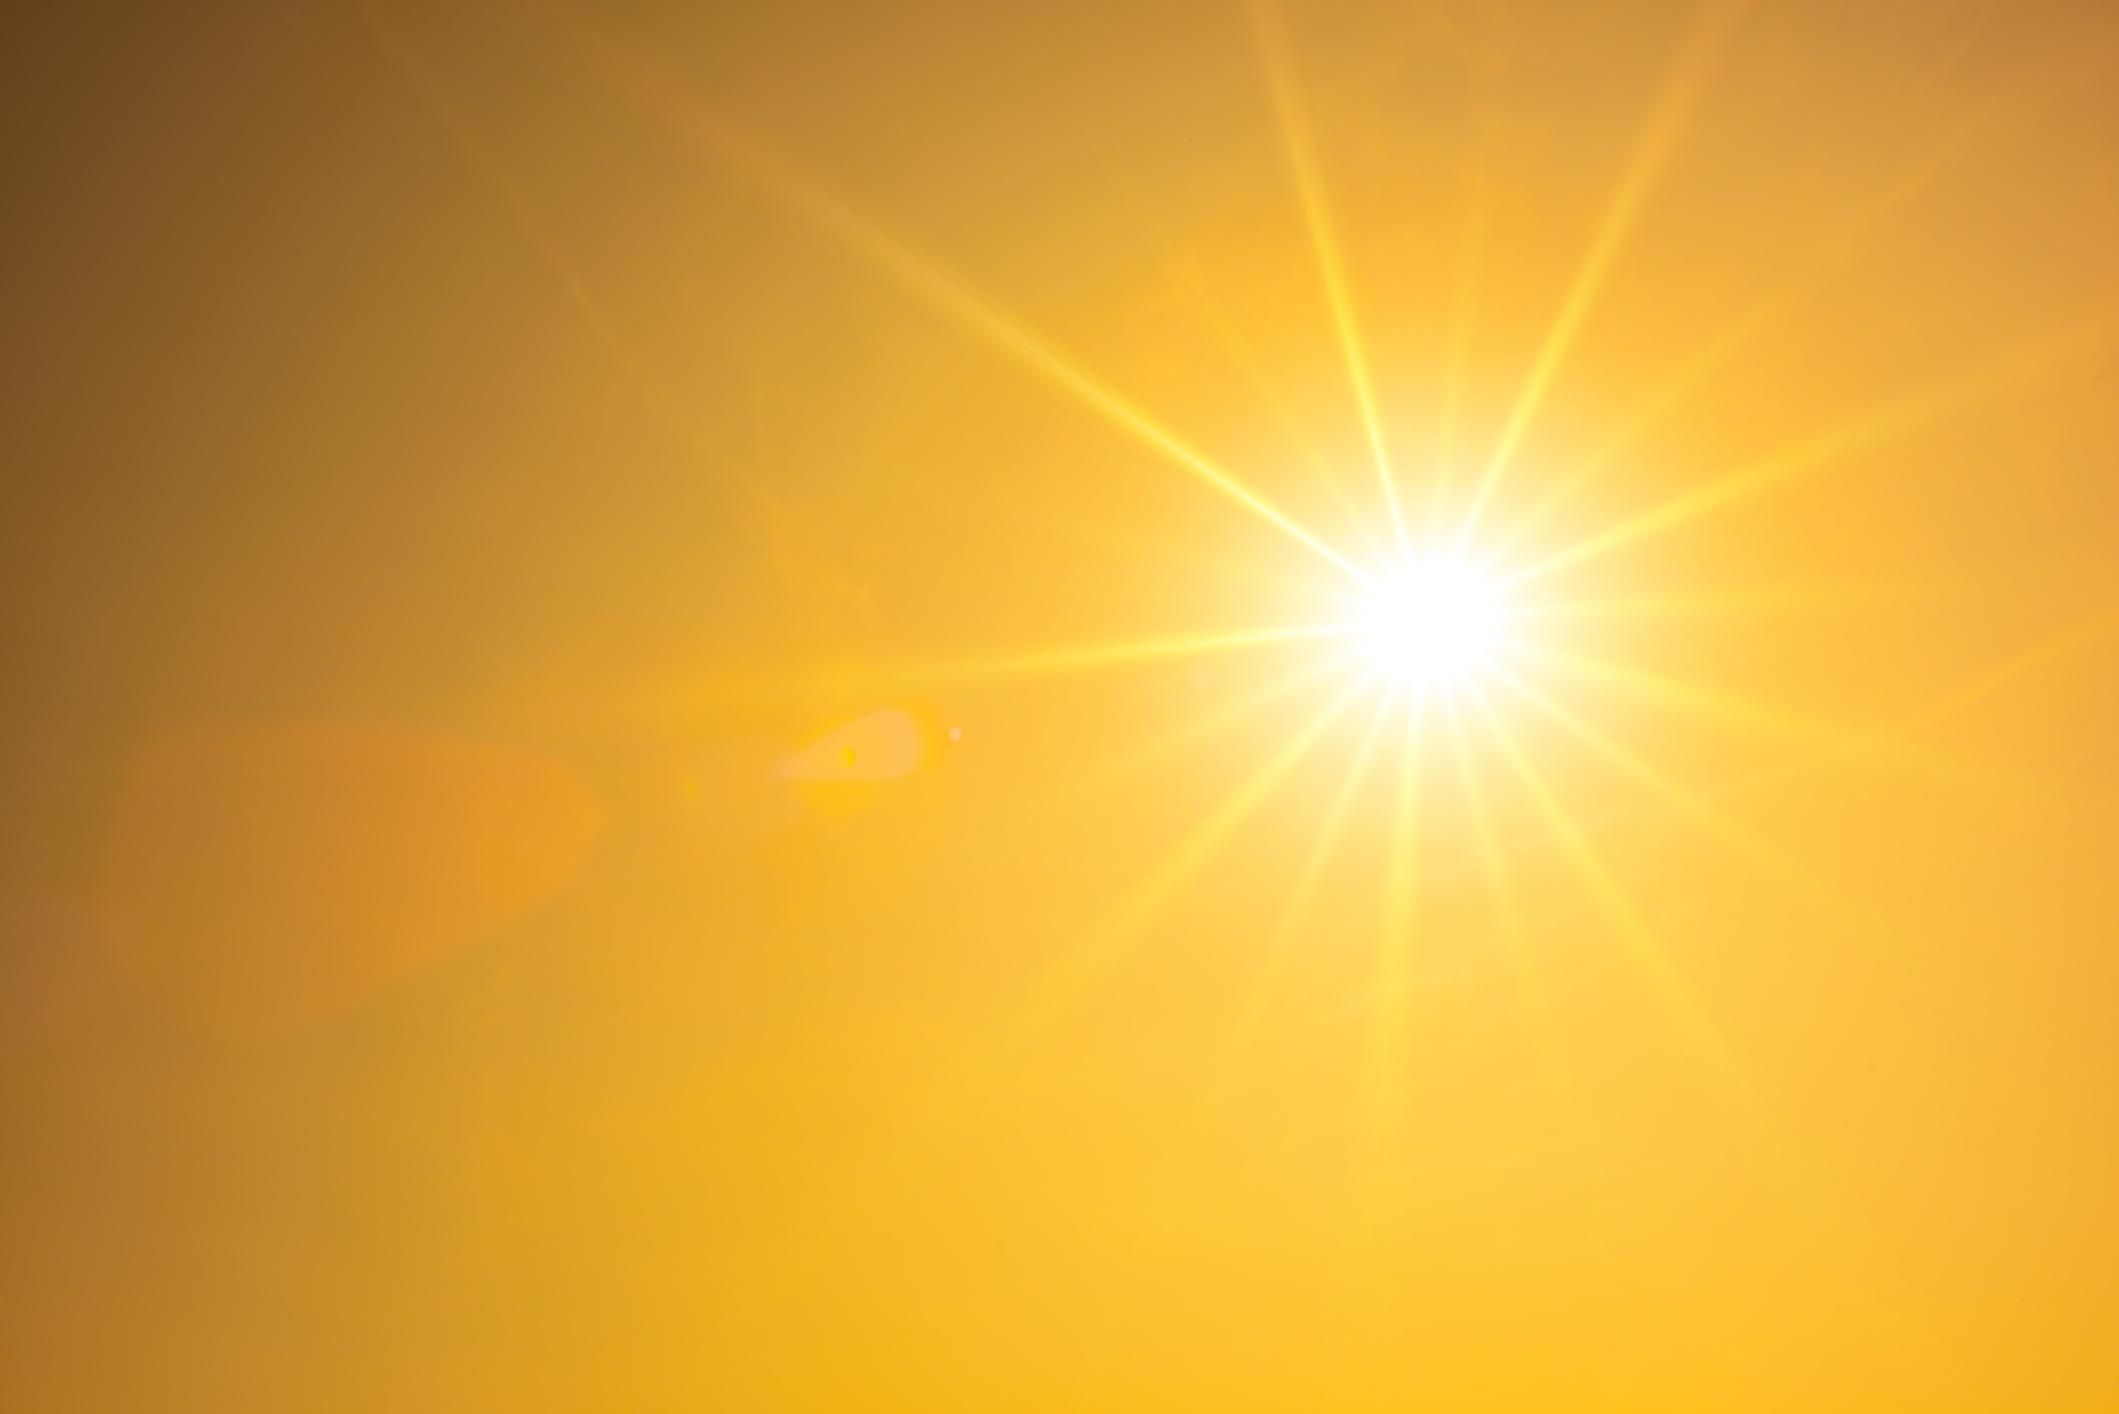 Aumento das temperaturas: como evitar doenças e mortes relacionadas ao calor 2